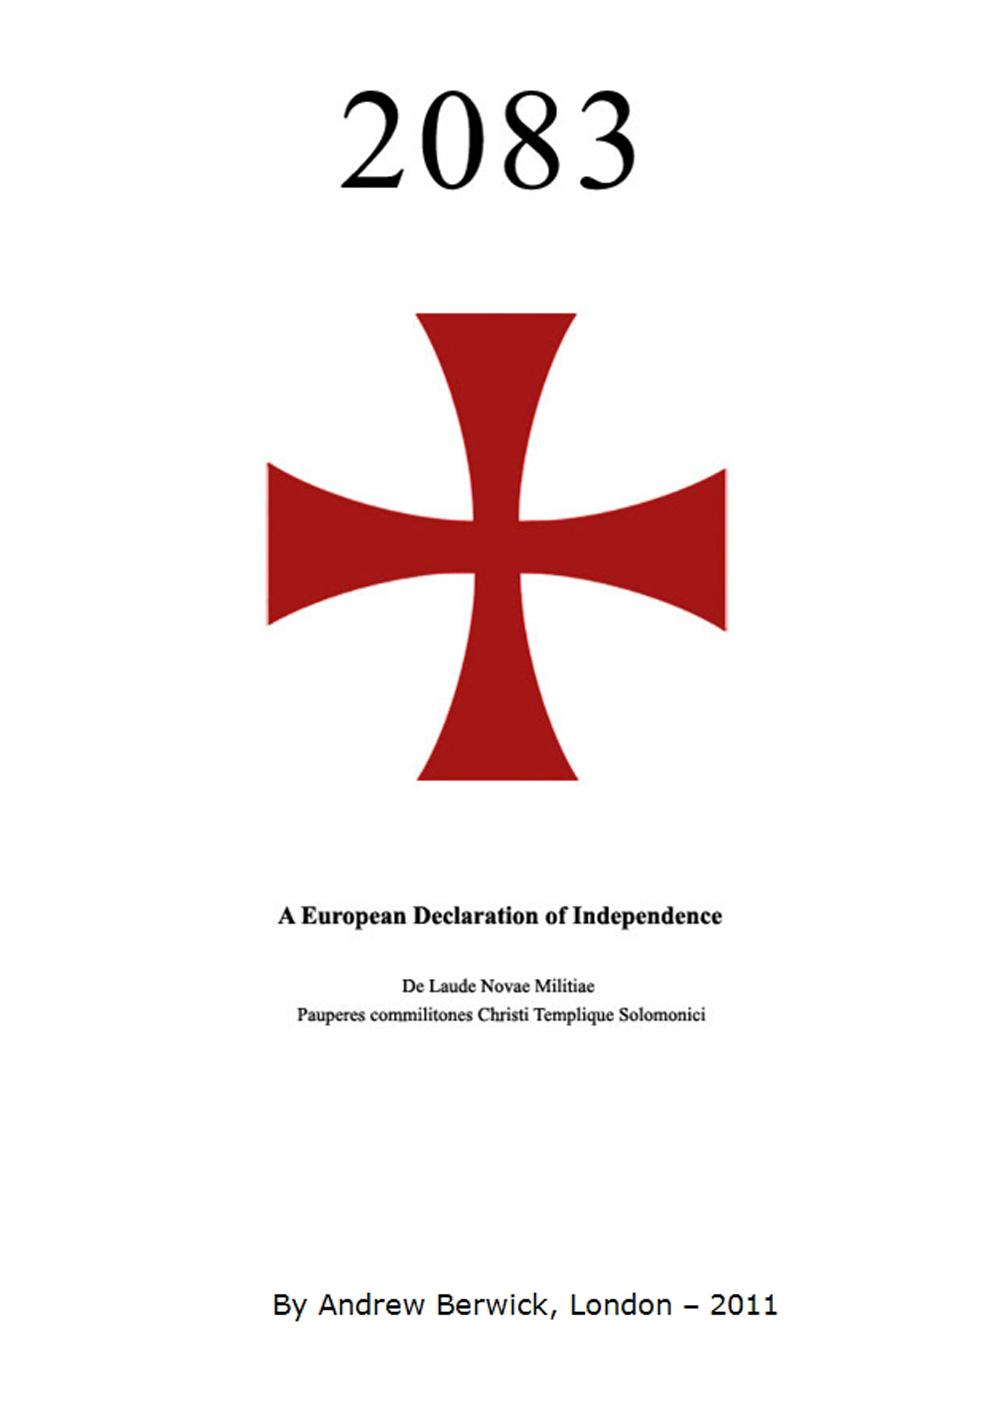 2083, μια ευρωπαϊκή διακήρυξη αναξαρτησίας - Ένας προάγγελος του μακελειού της Παρασκευής